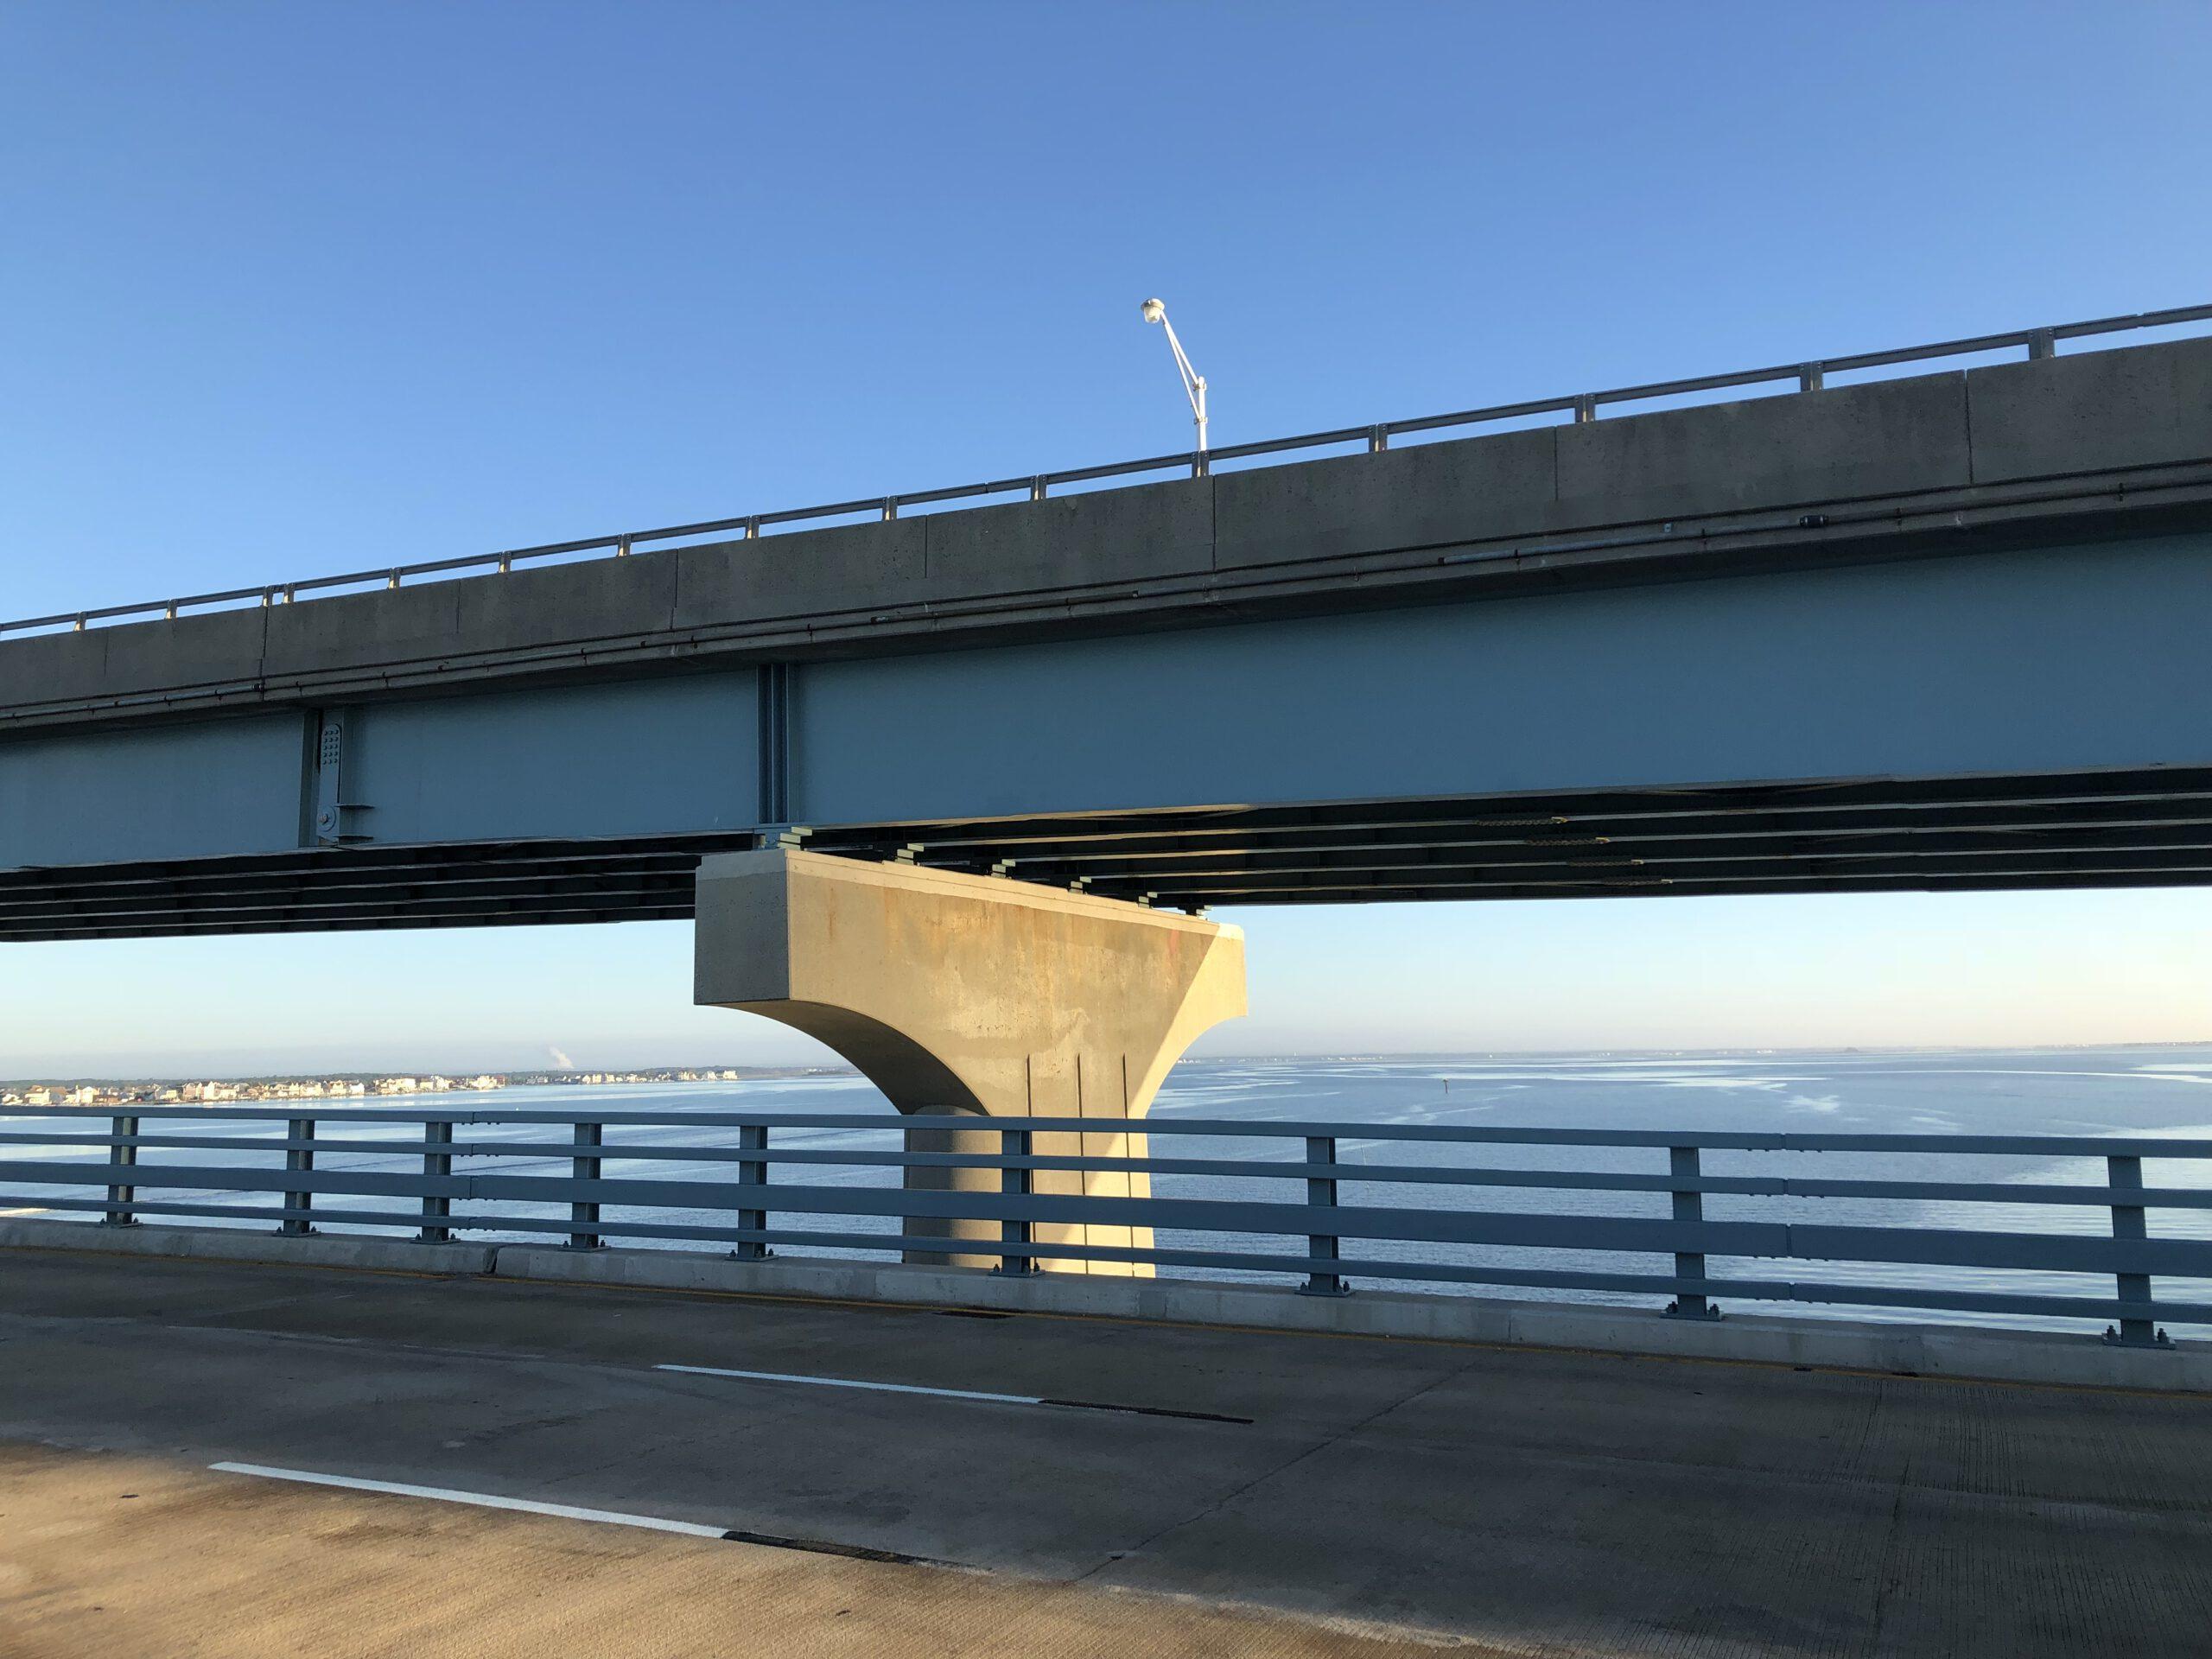 TOMS RIVER: Possible Jumper on Bridge Earlier- Ended Safely